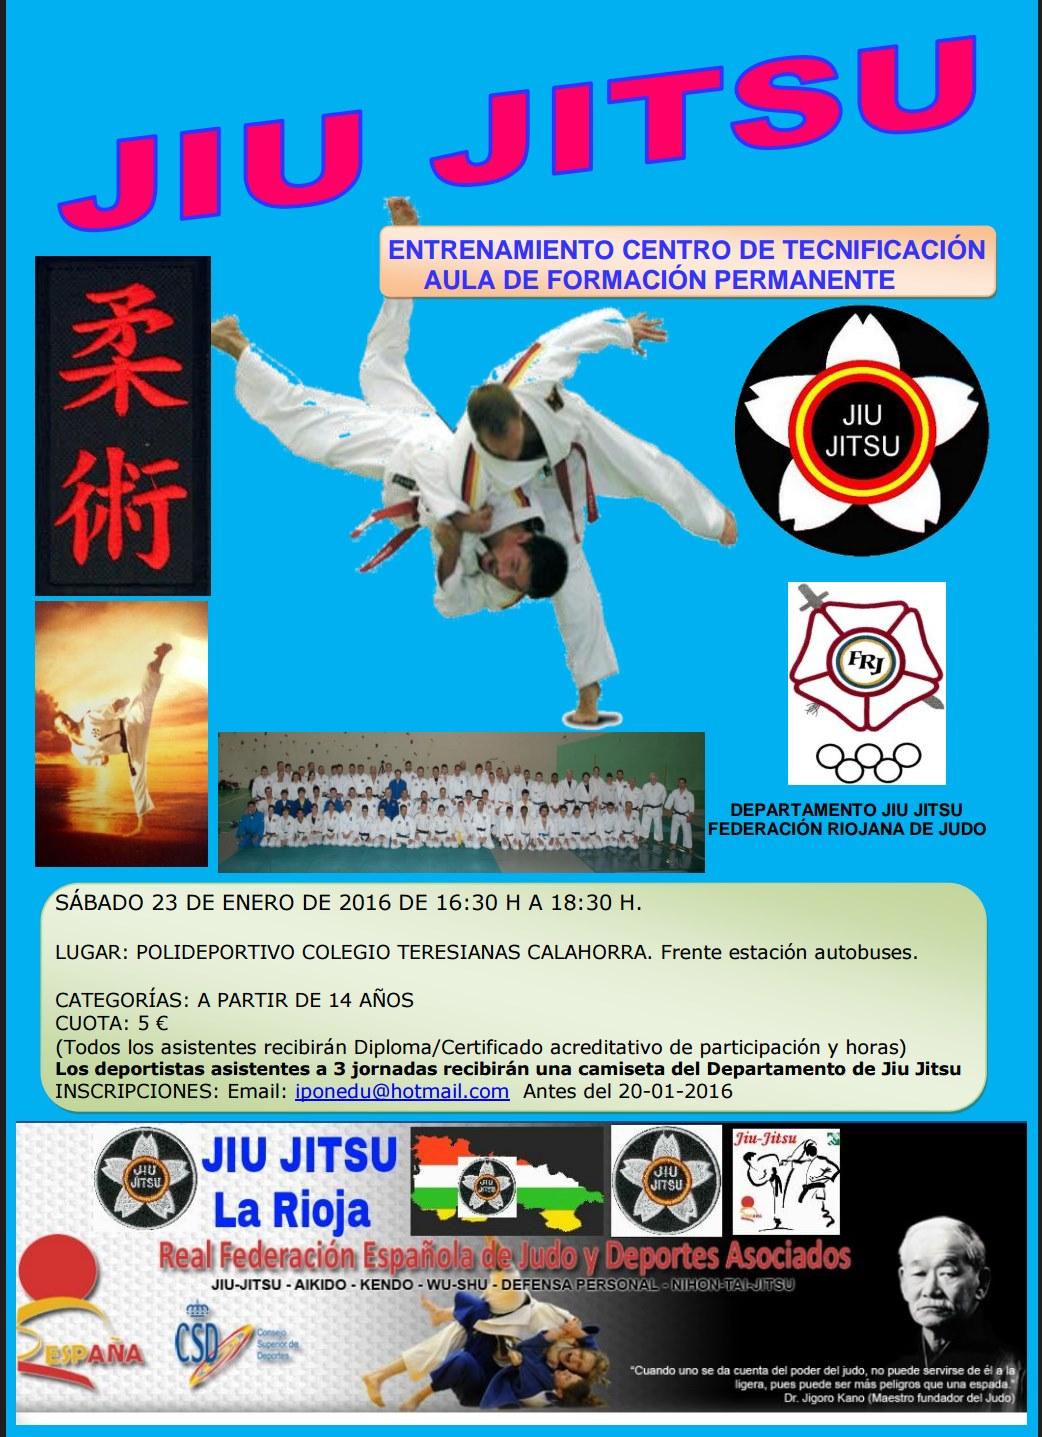 CENTRO TECNIFICACION JIU JITSU